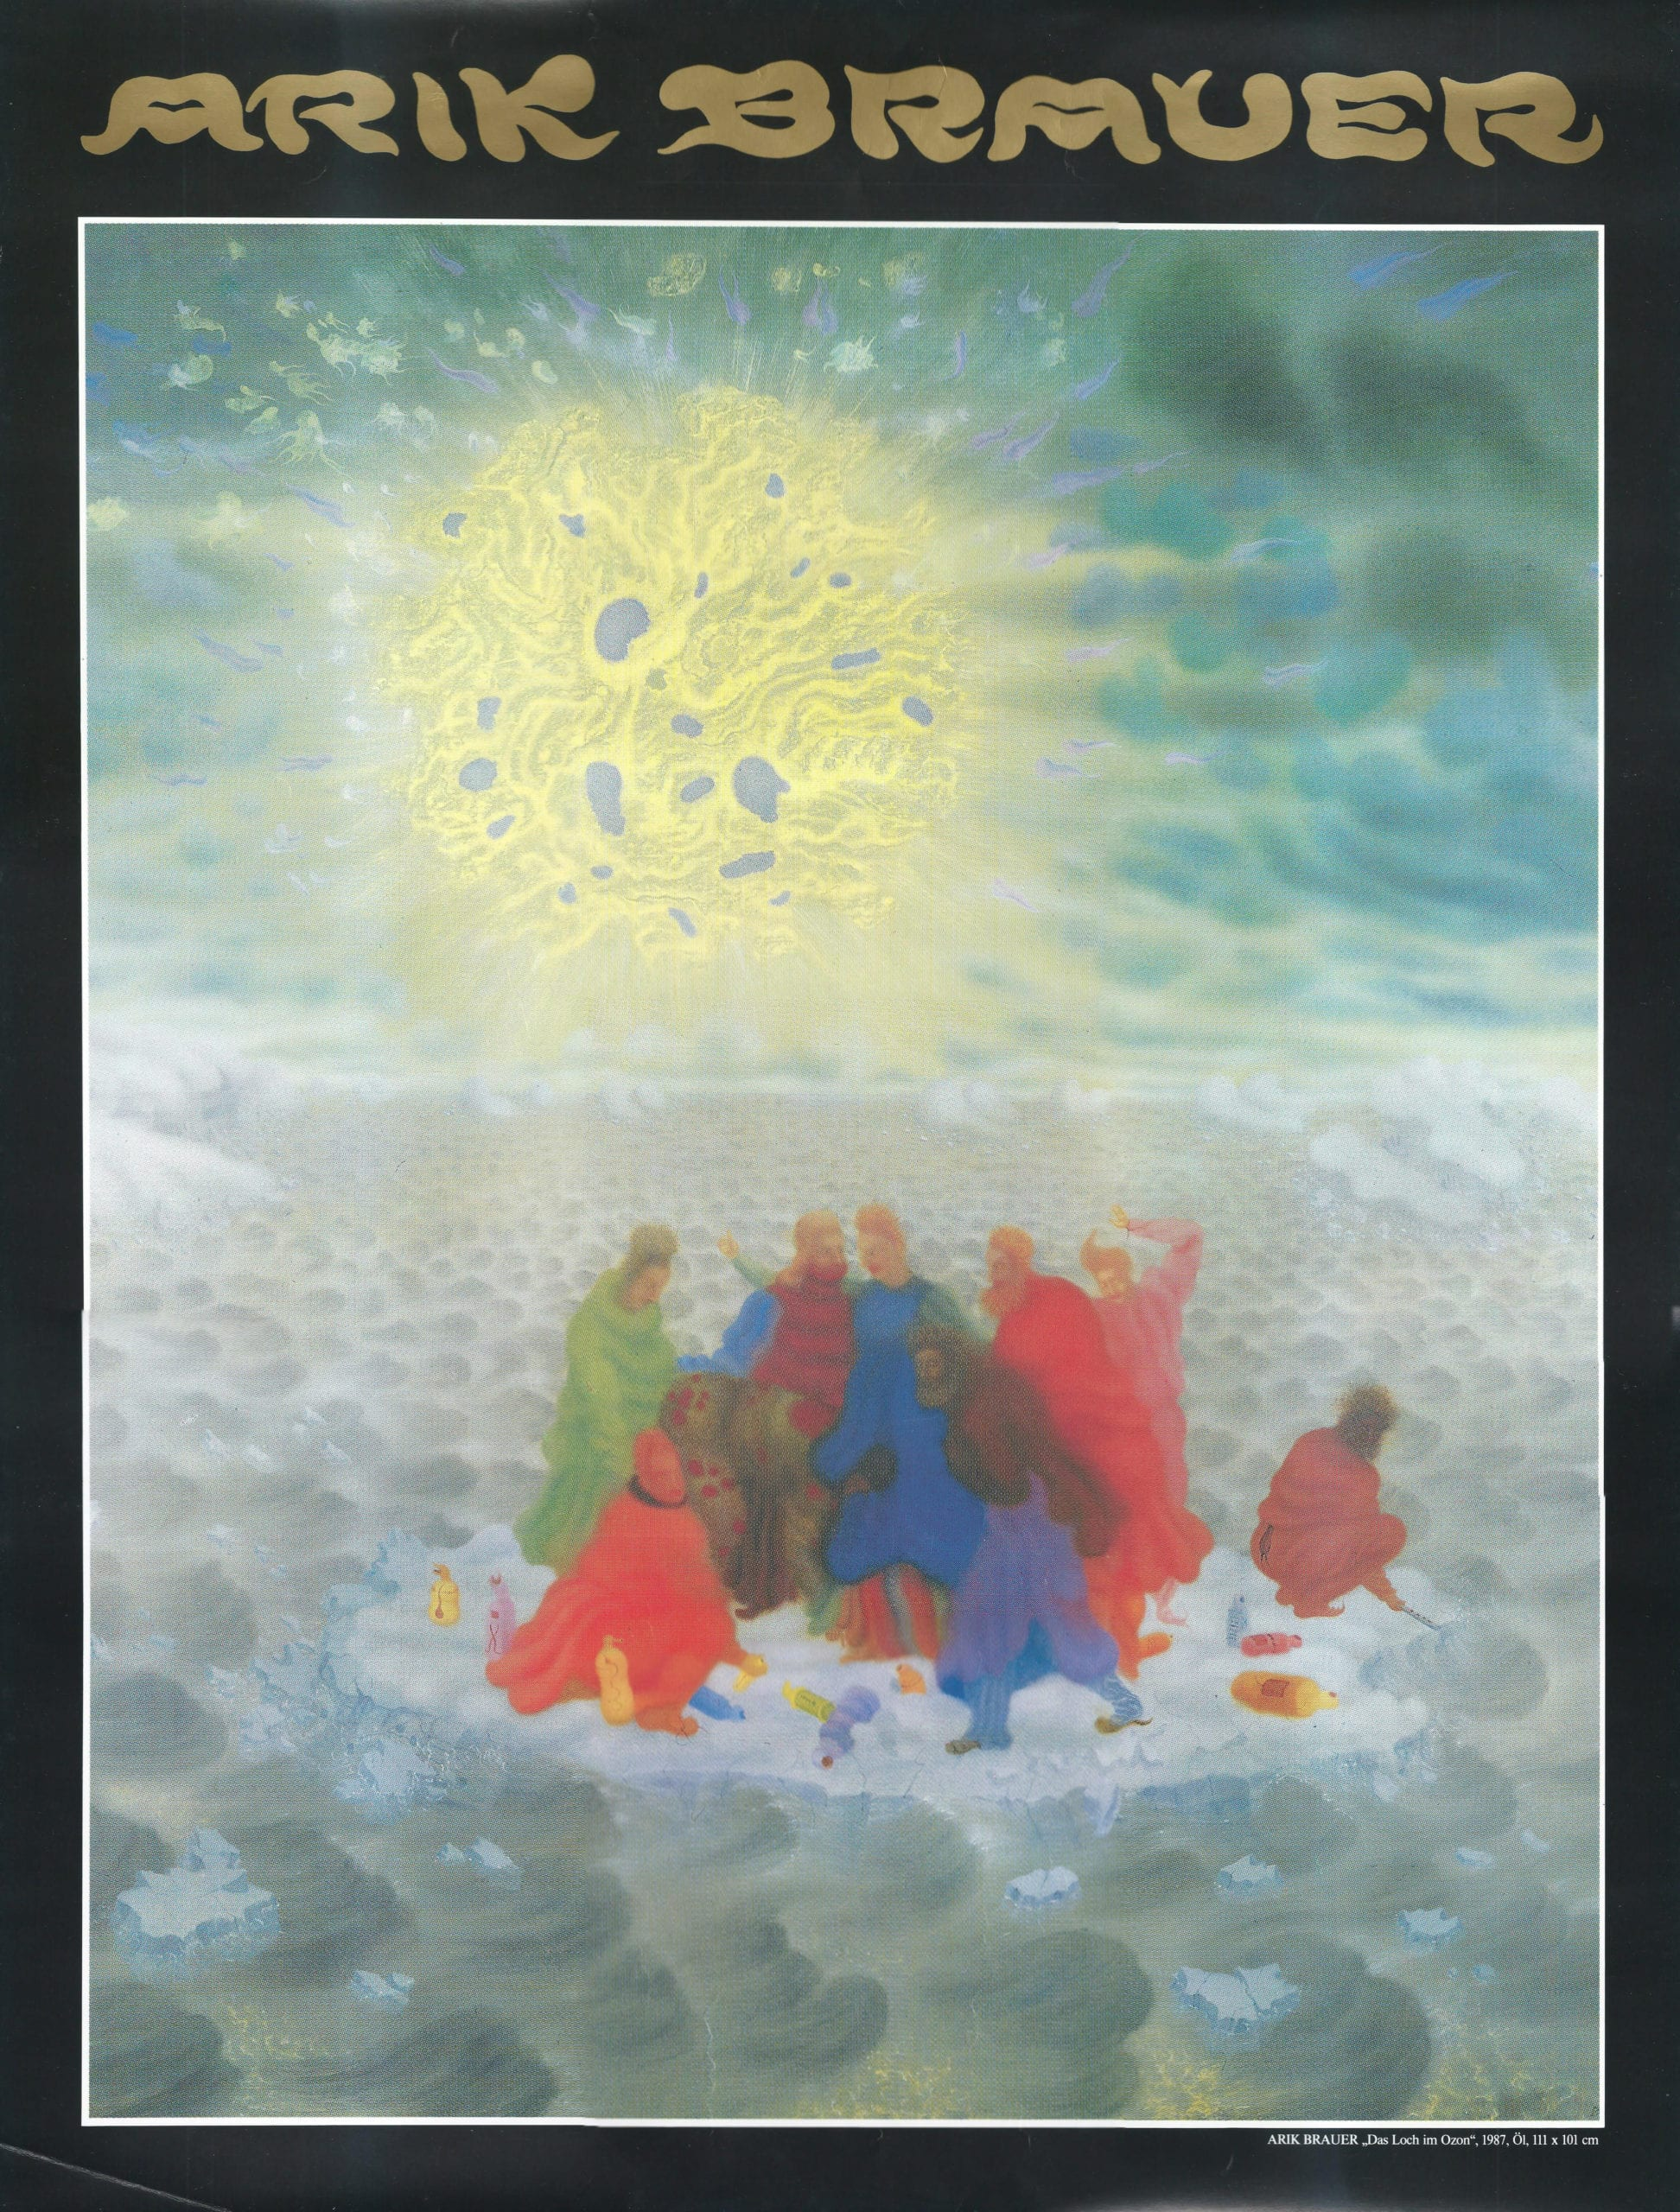 Arik Brauer – Das Loch im Ozon